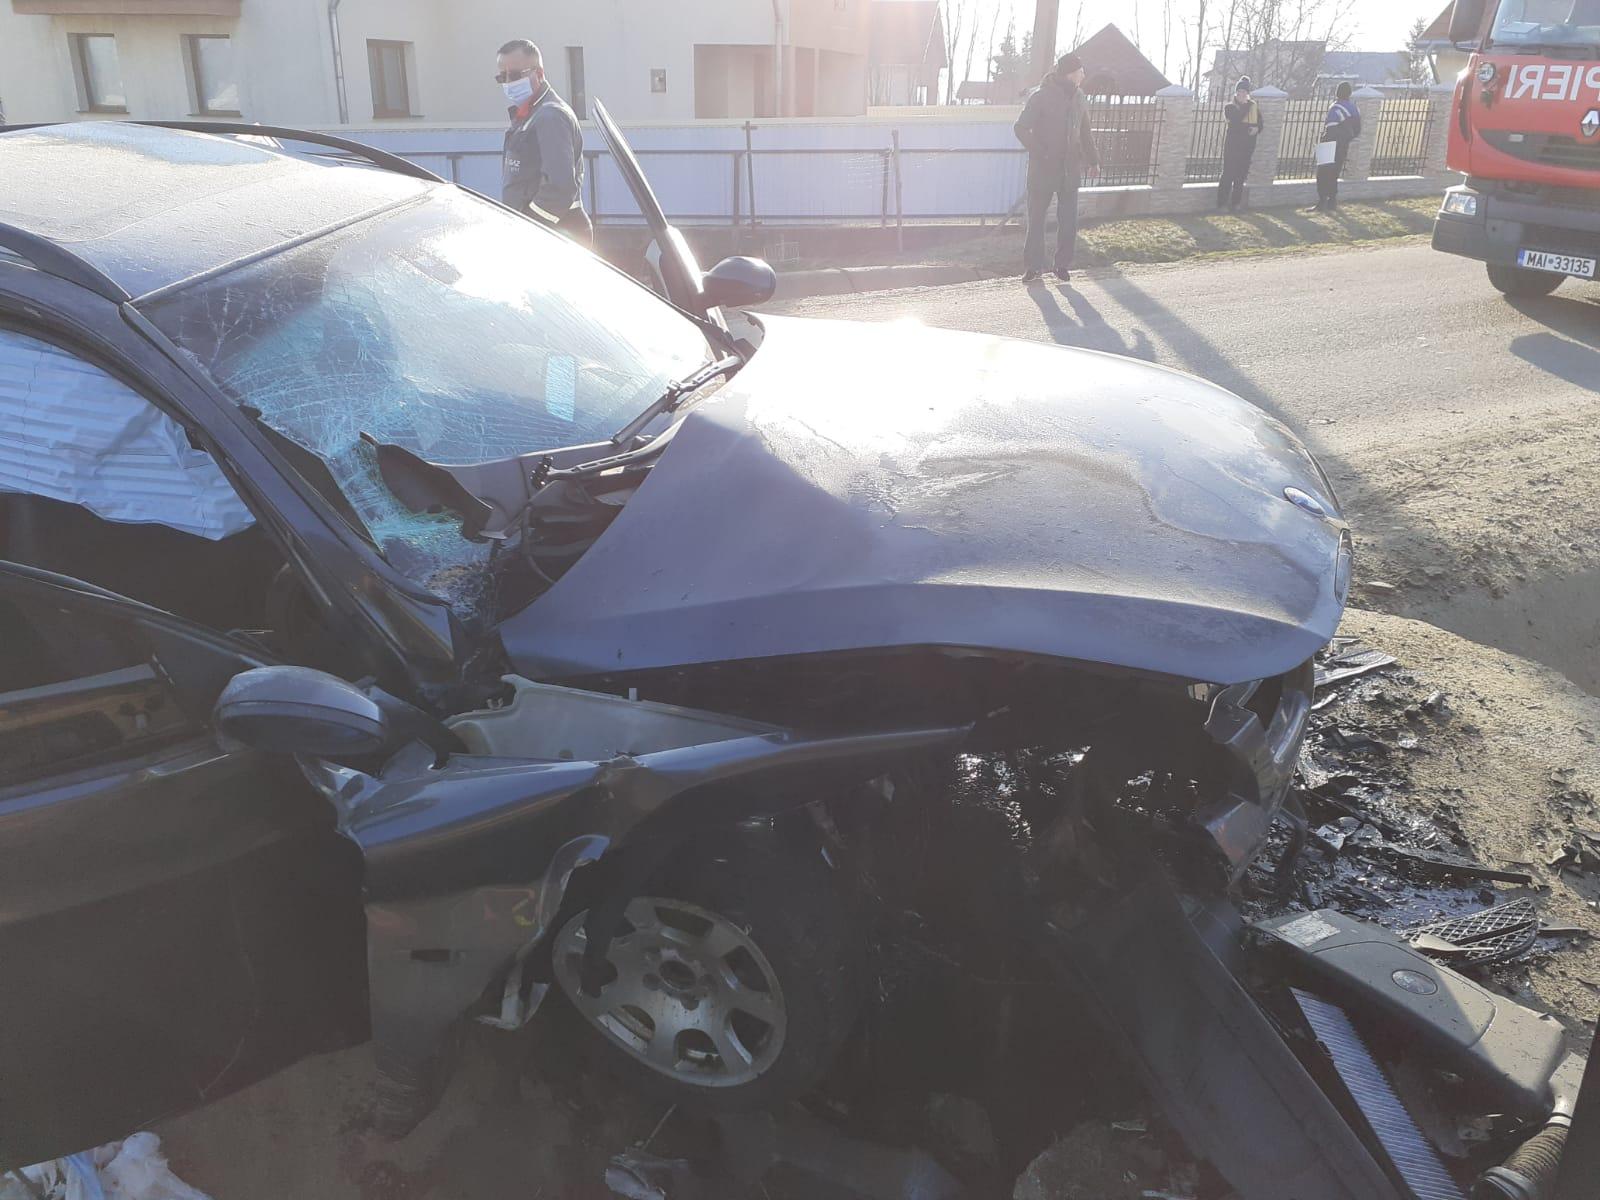 Tânărul care a provocat accidentul rutier de la Gorbanesti a fost reținut